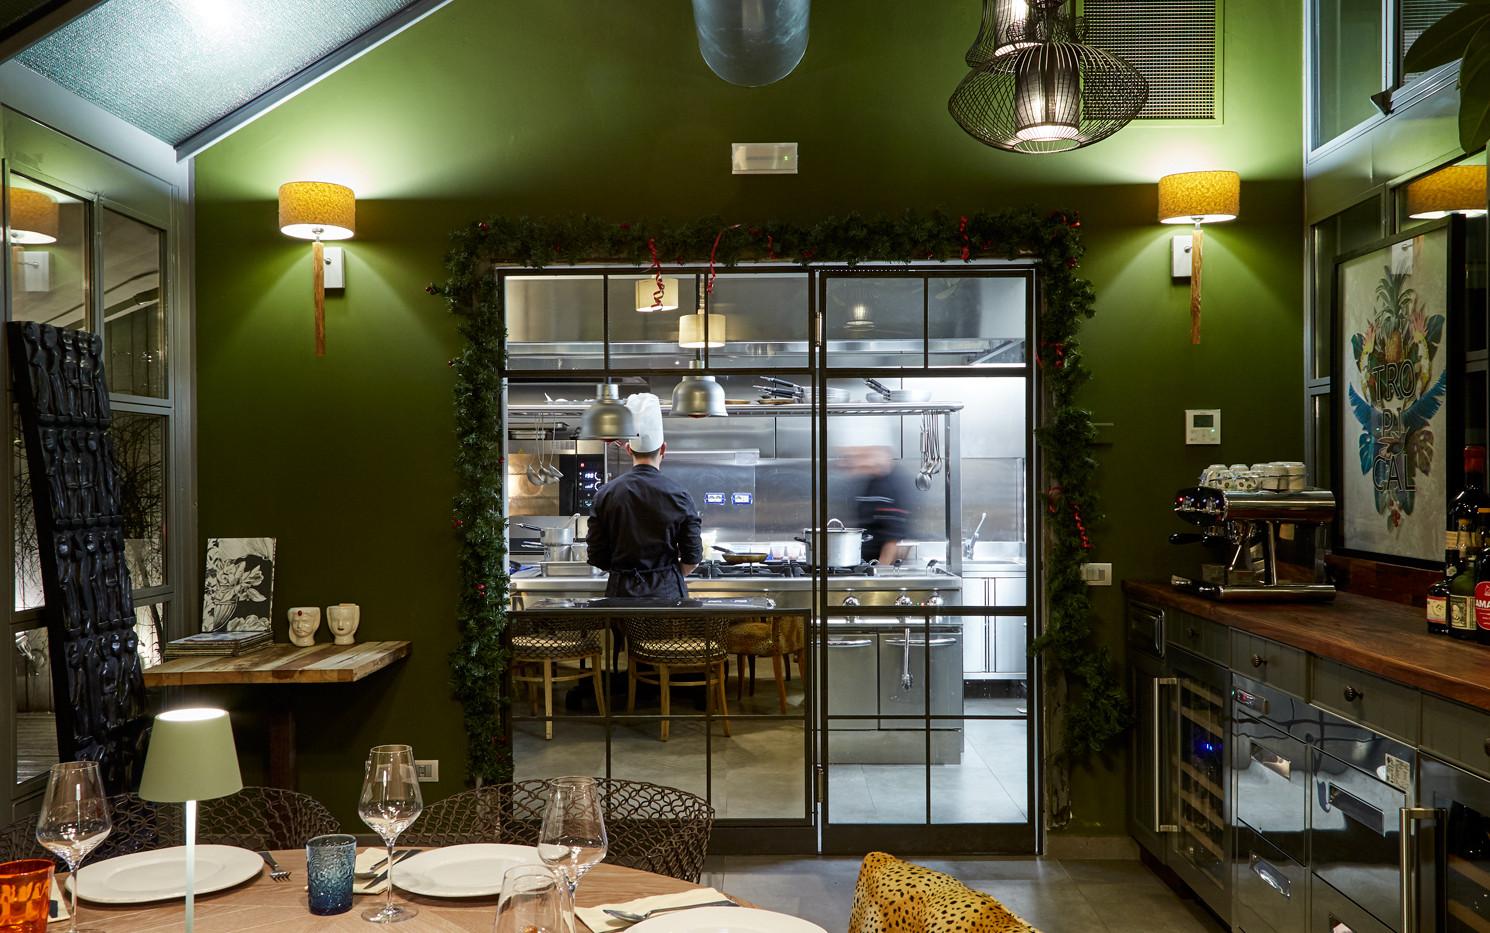 La Cucina dic18-6047.jpg